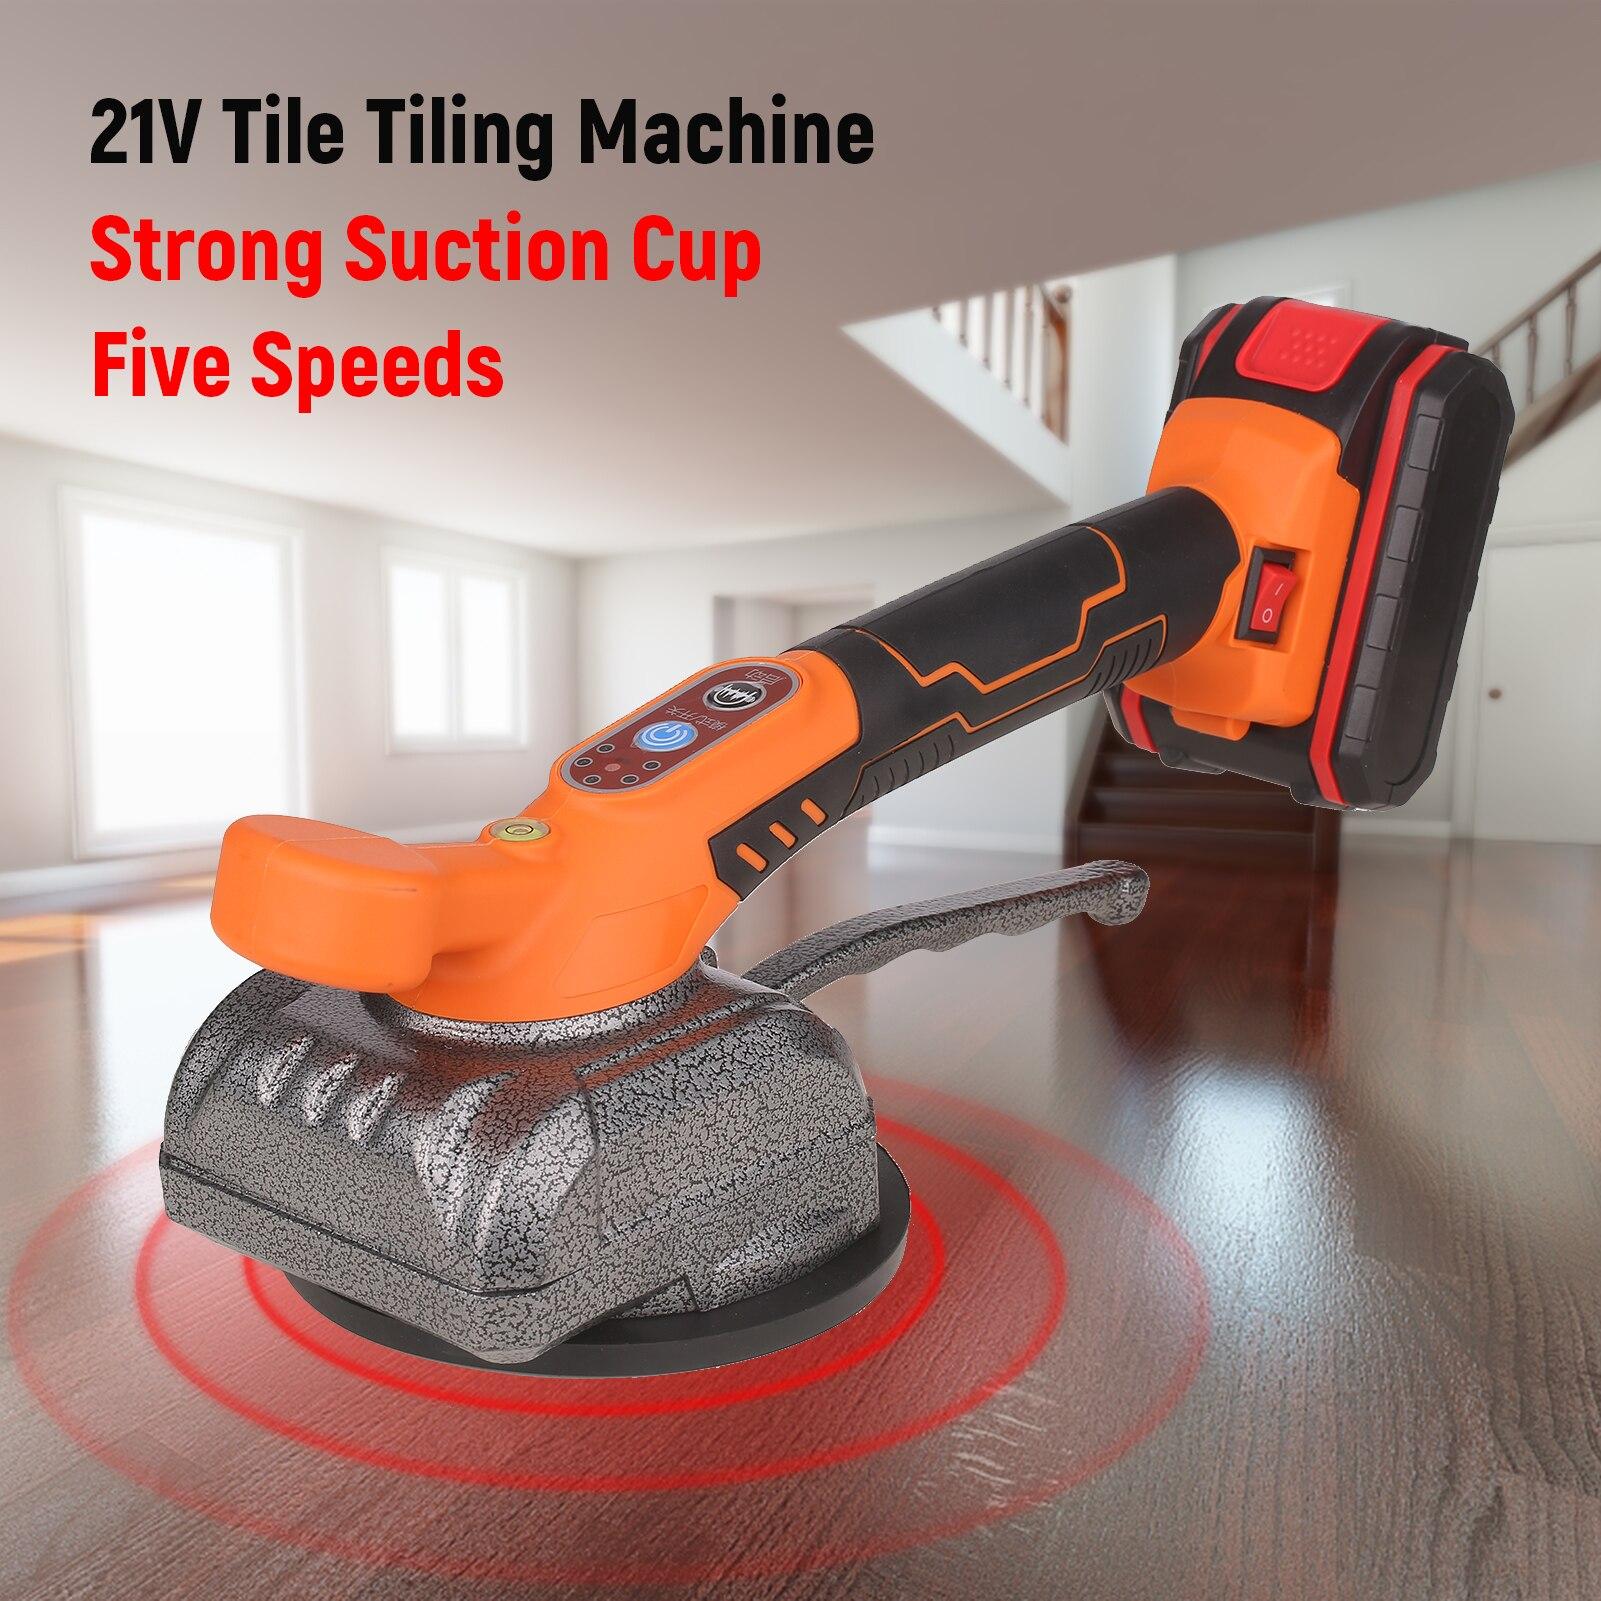 21 فولت بلاط بلاط آلة شفط كأس الكهربائية بلاط تركيب آلة بلاط رافع قابلة للشحن بلاط التسوية آلة هزاز